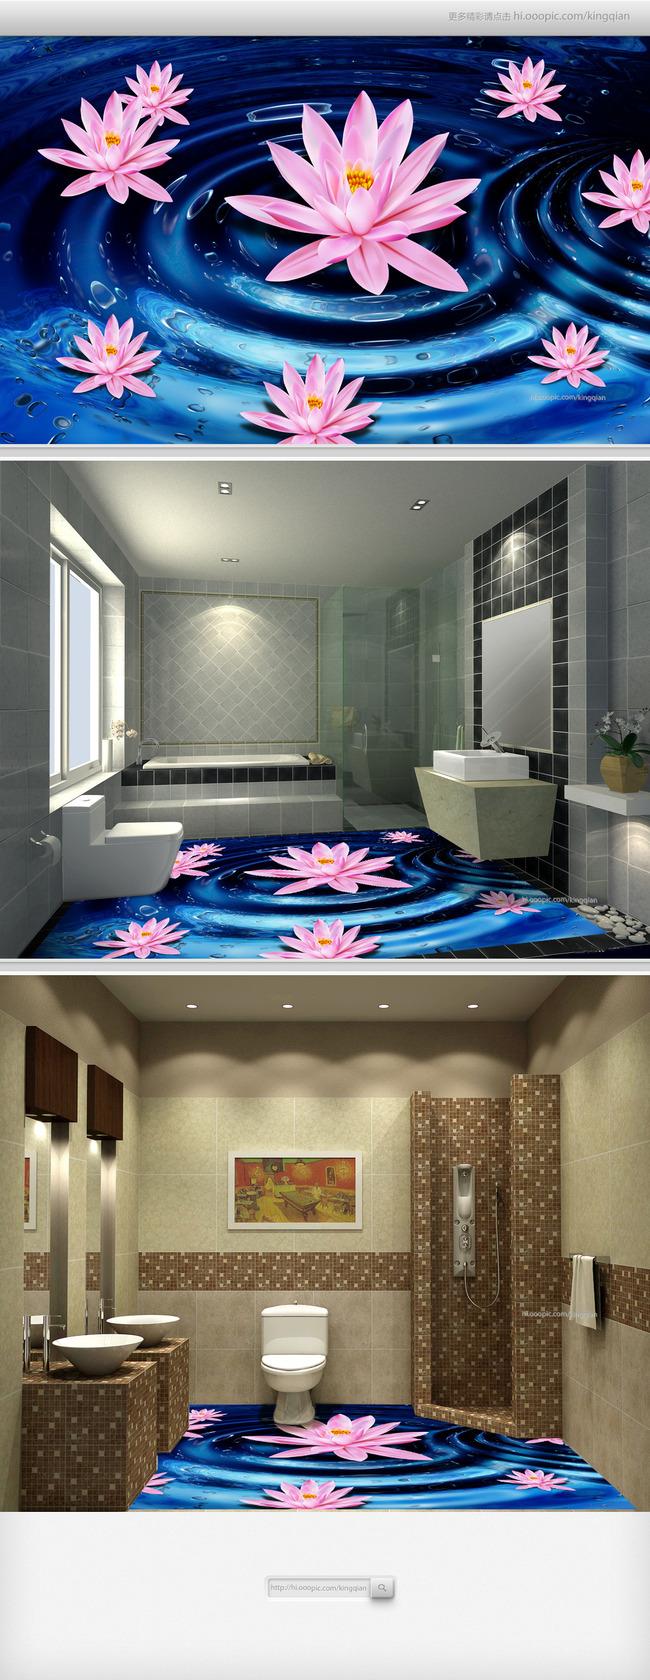 莲花水波纹卫生间3d地板